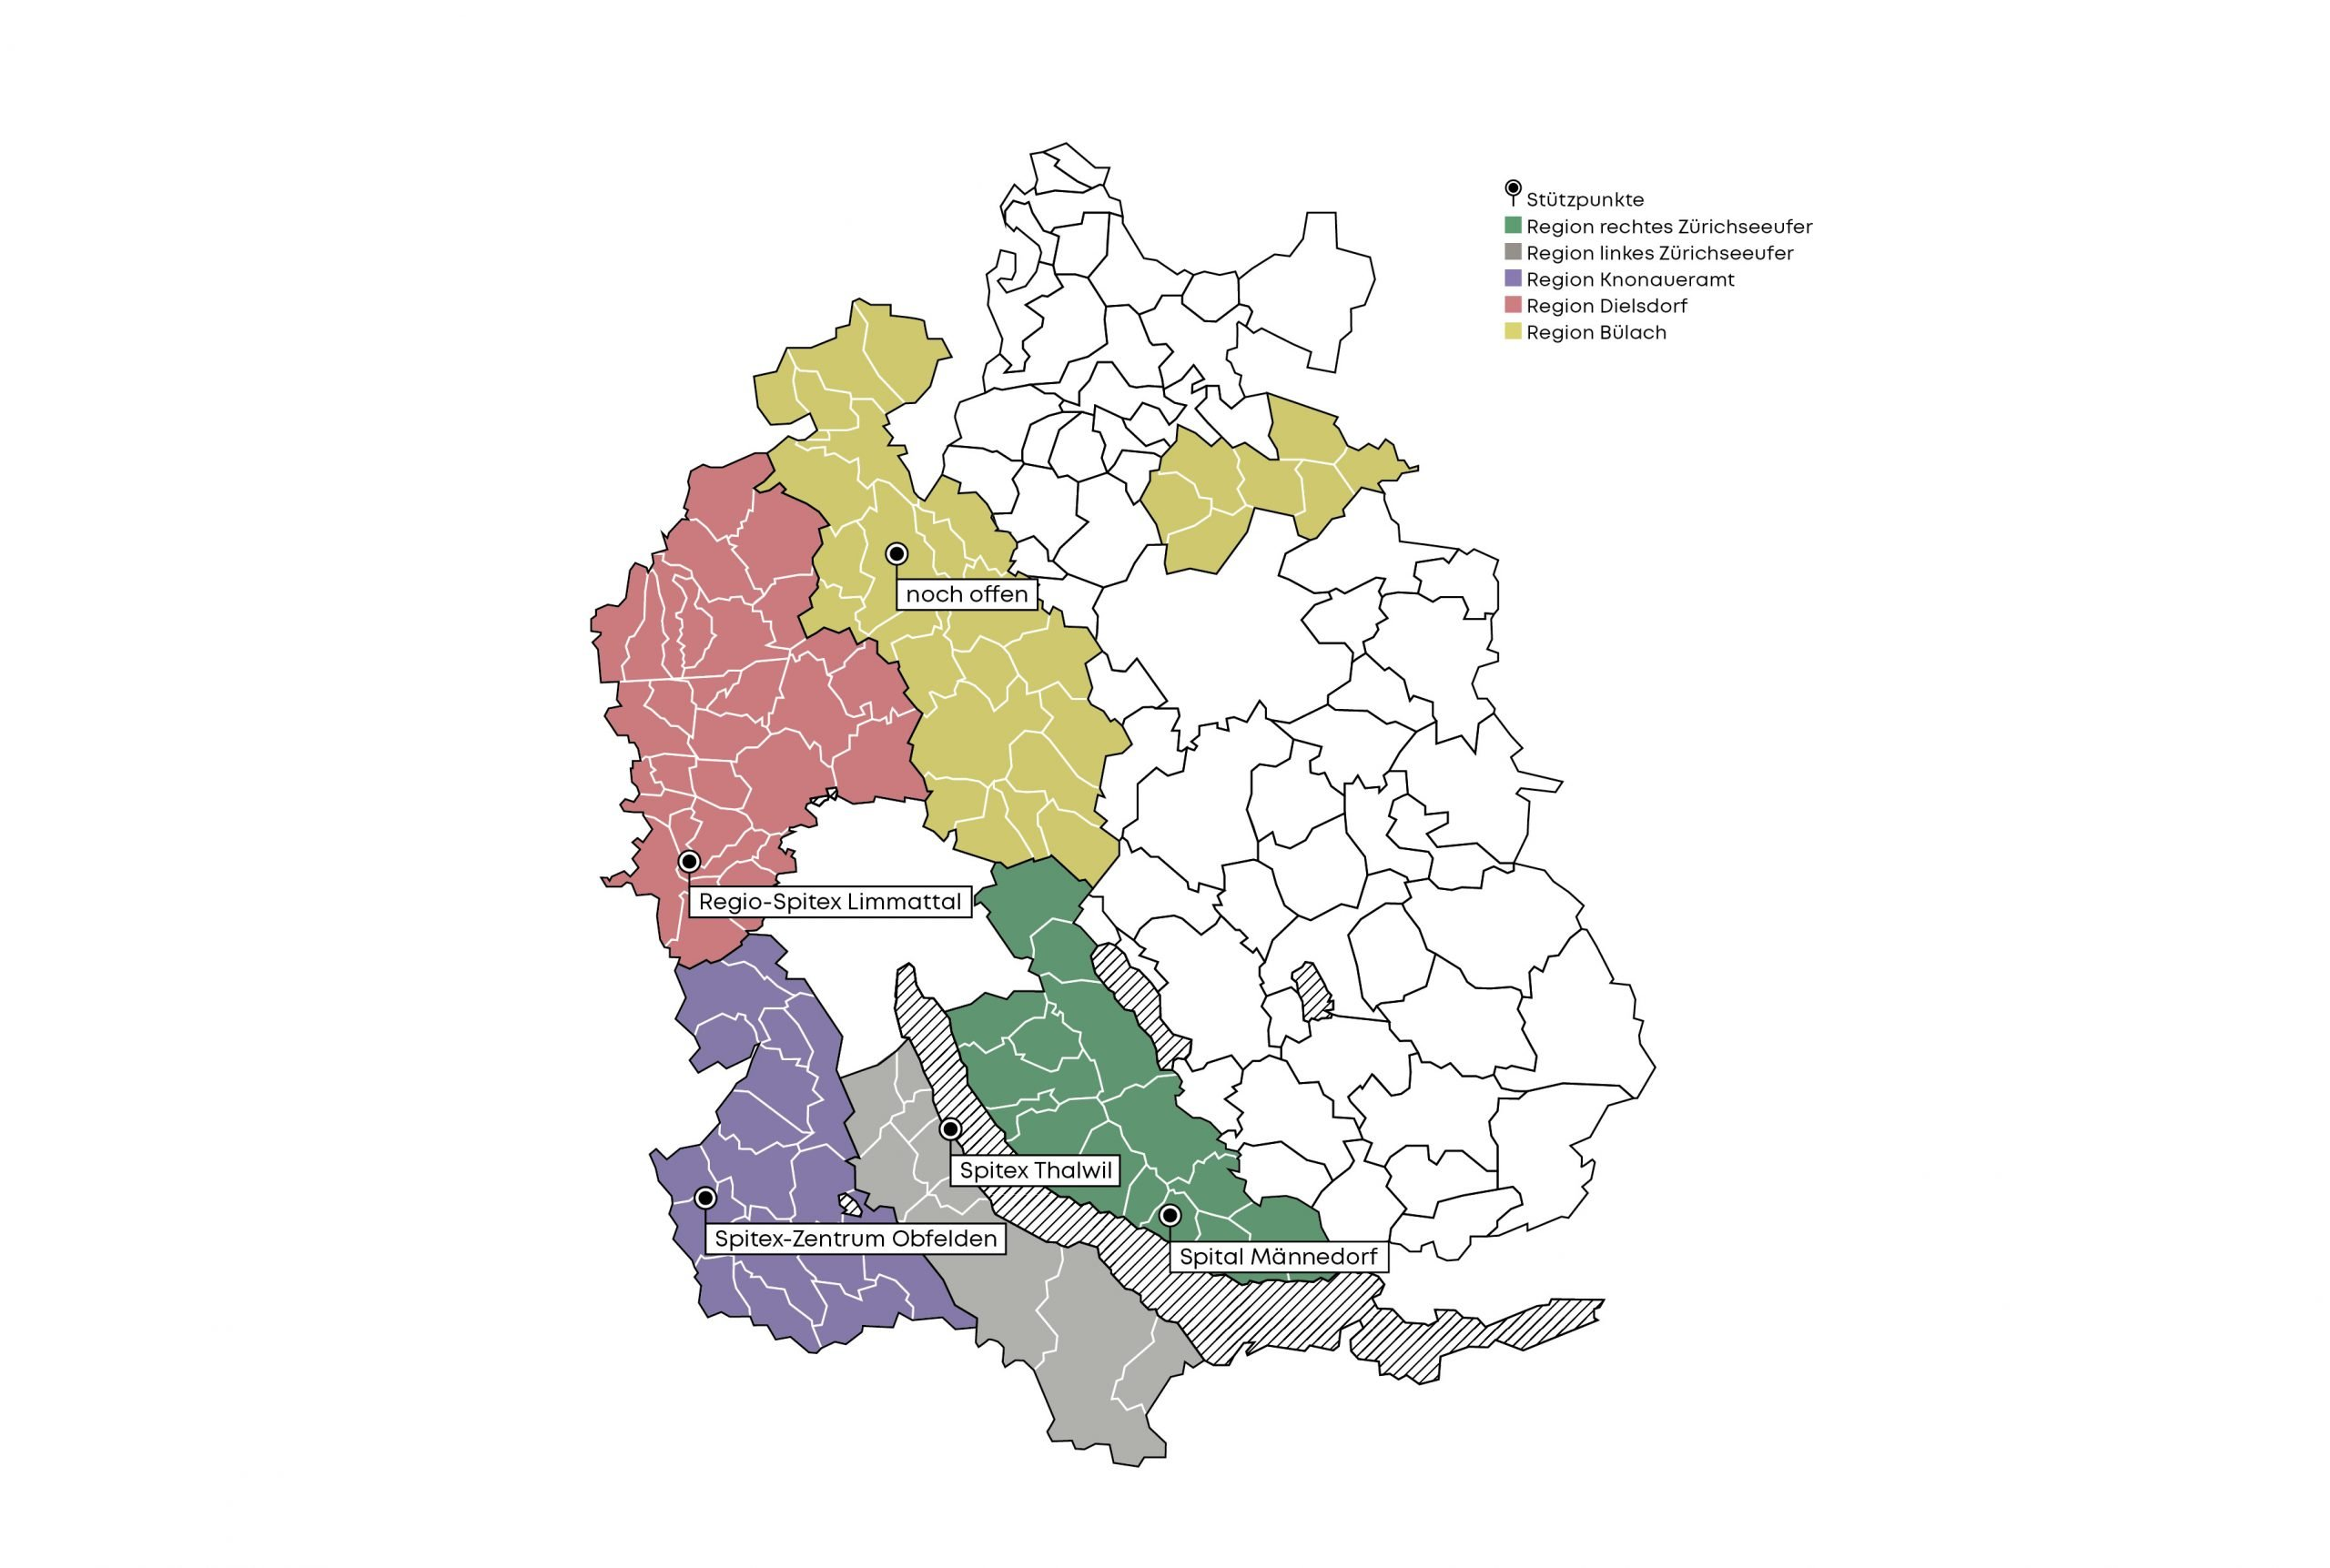 Palliaviva-Regionen